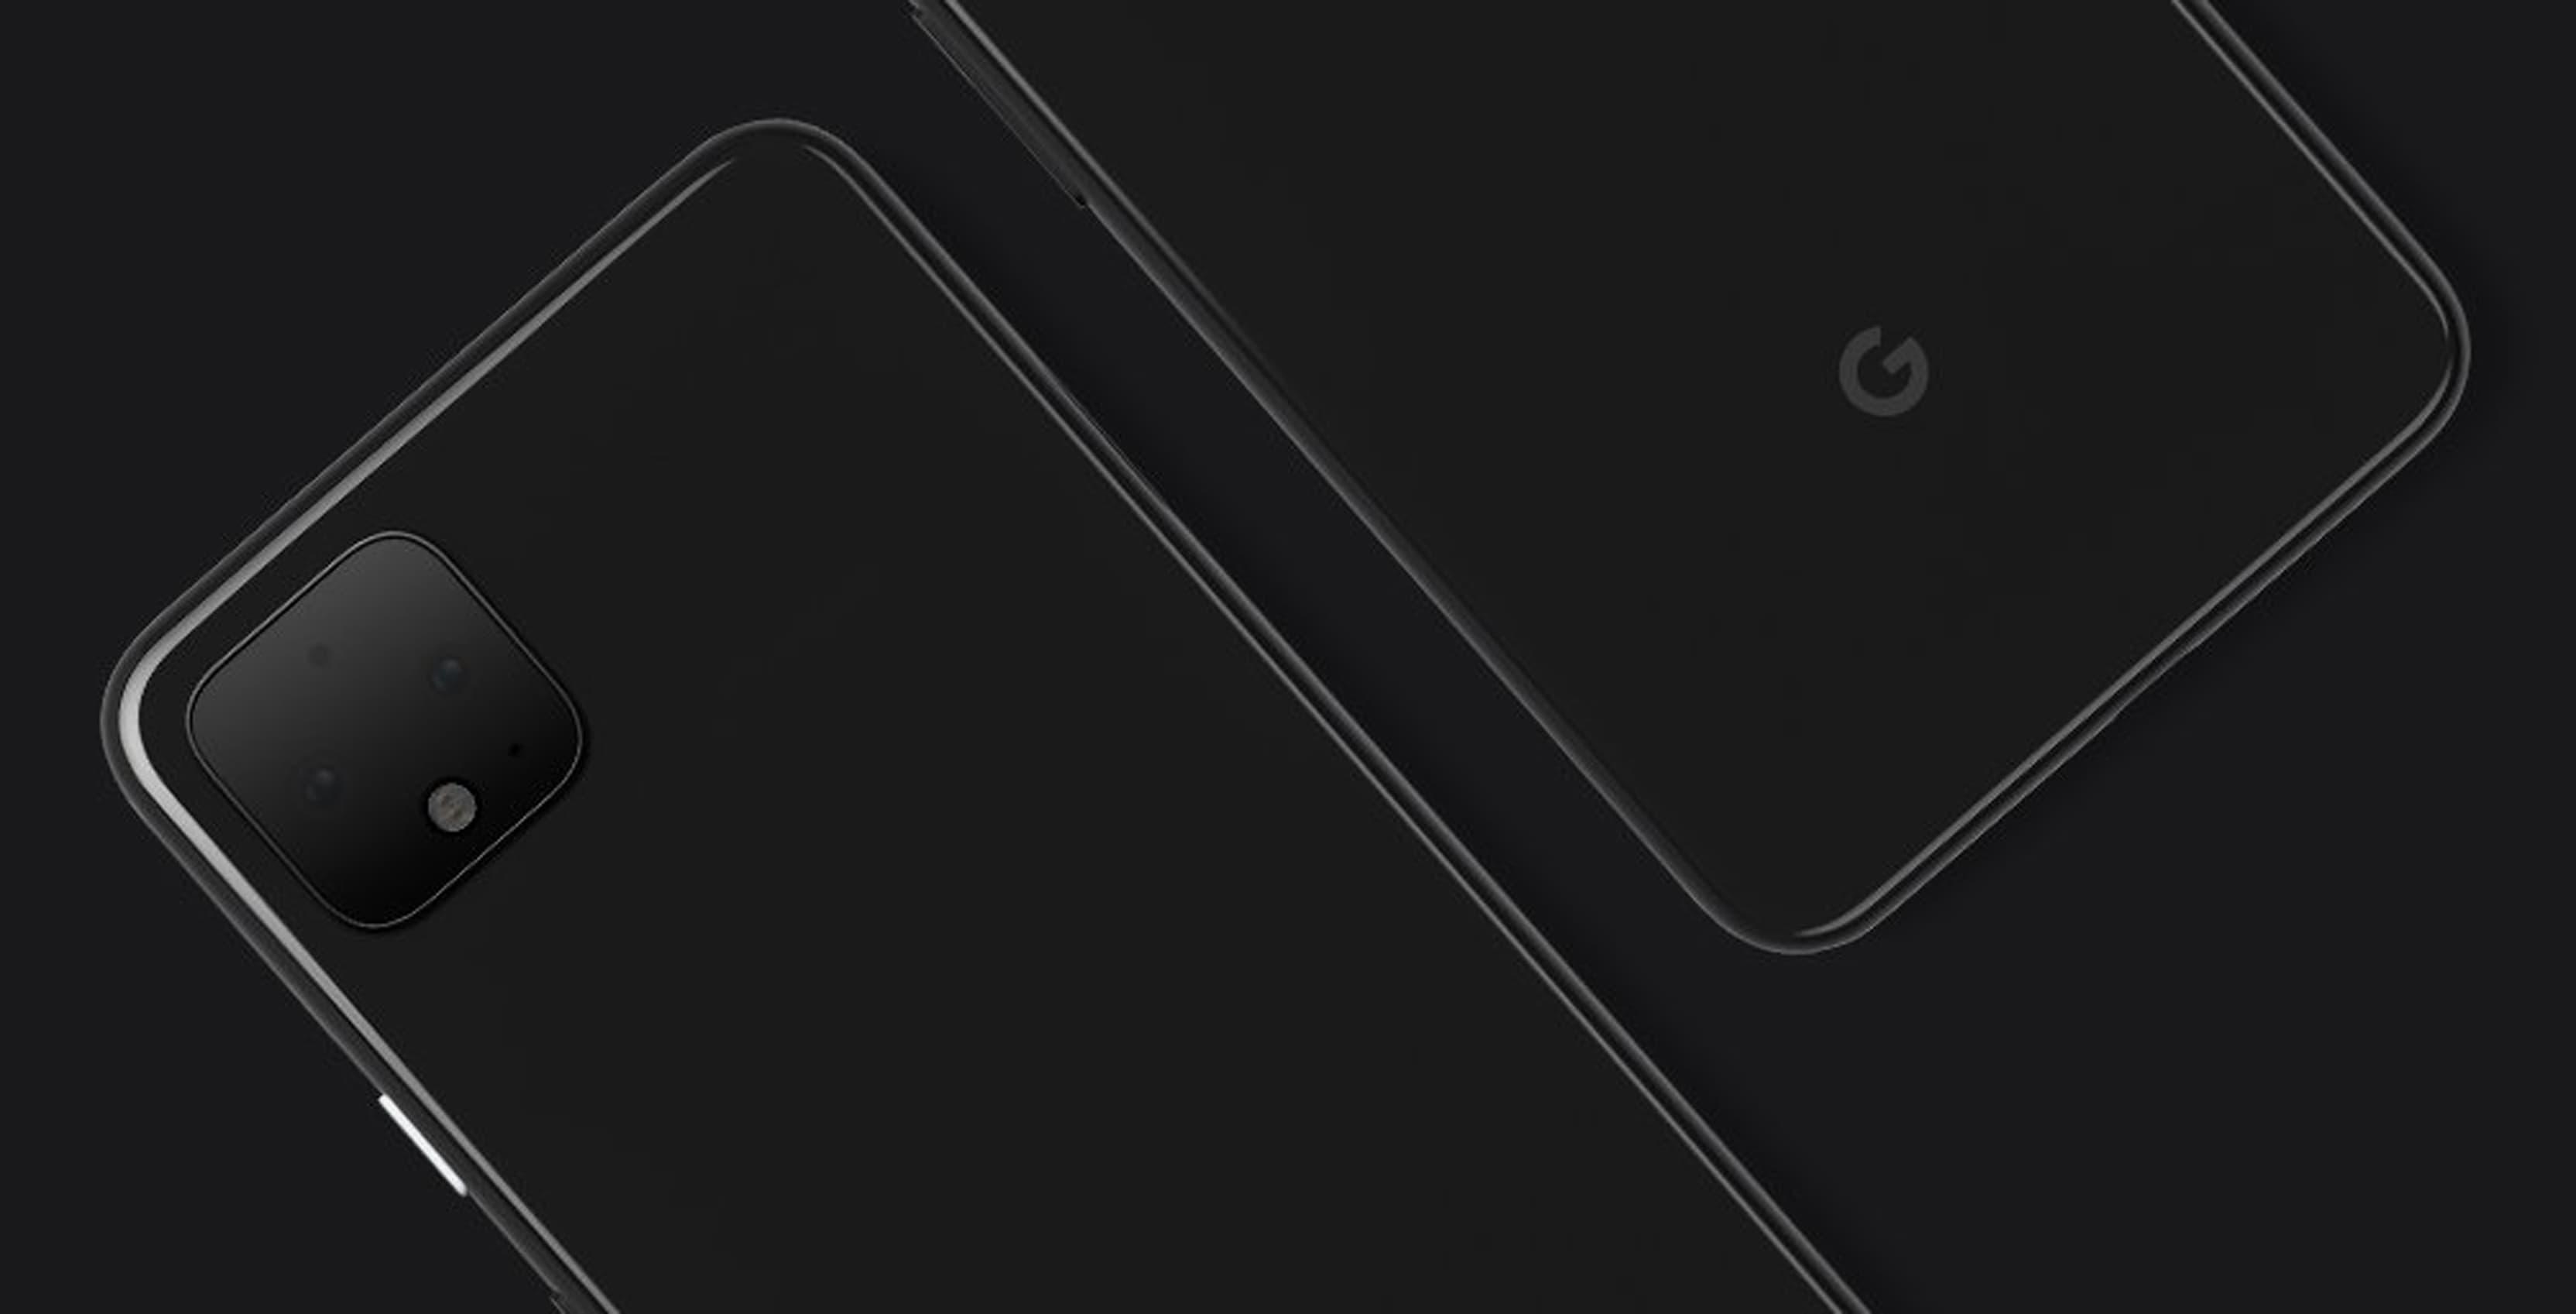 6. Pixel 5 (Release Date October 2020) – Google's Best Smartphone of 2020